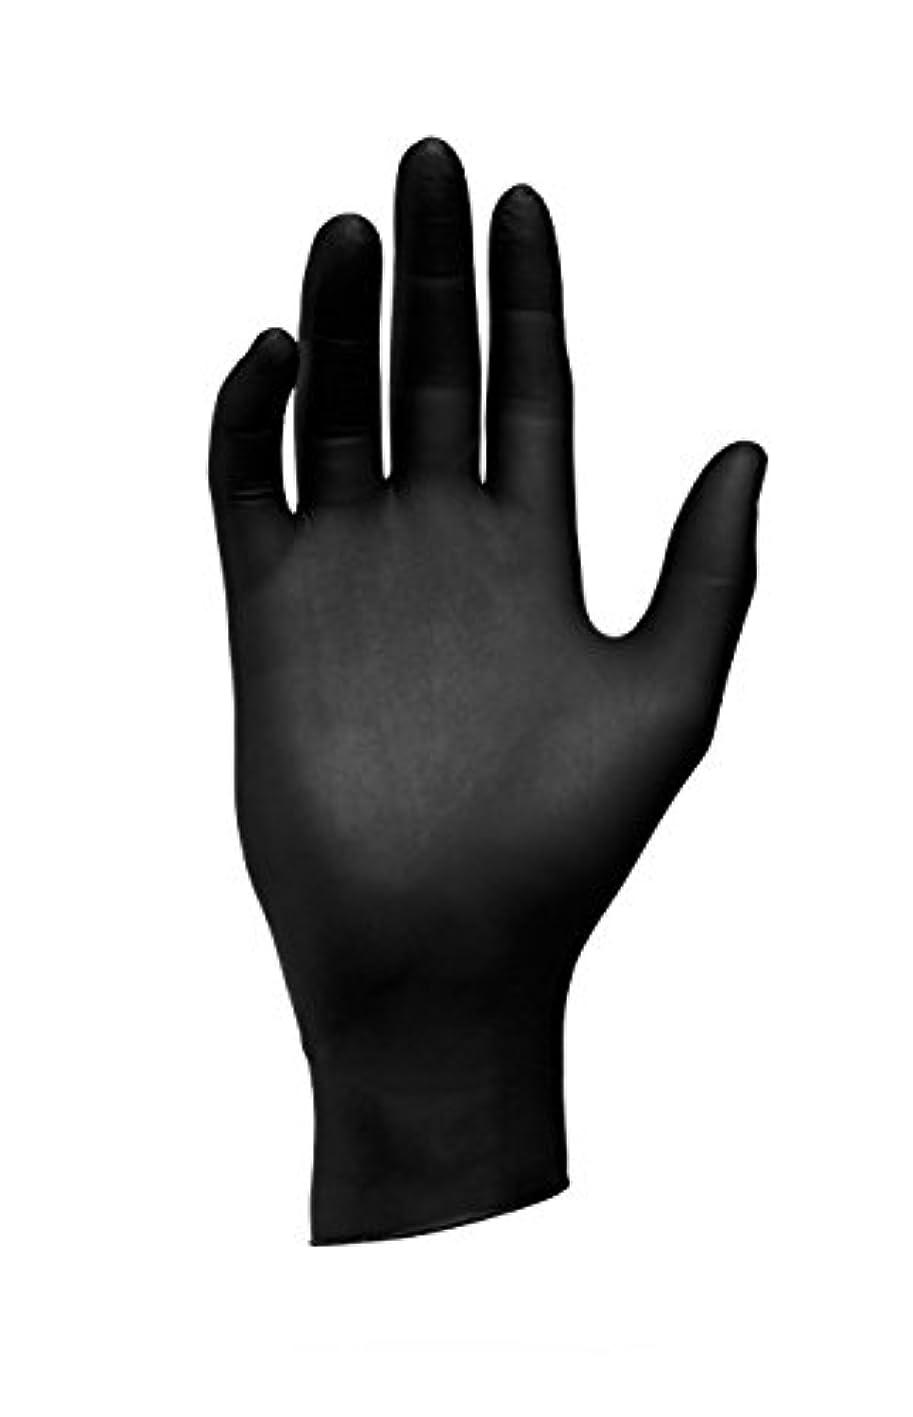 彼自身従来の神学校エバーメイト センパーガード ニトリルブラックグローブ ブラック S(6.0~6.5インチ)甲幅8cm 100枚入 6個セット